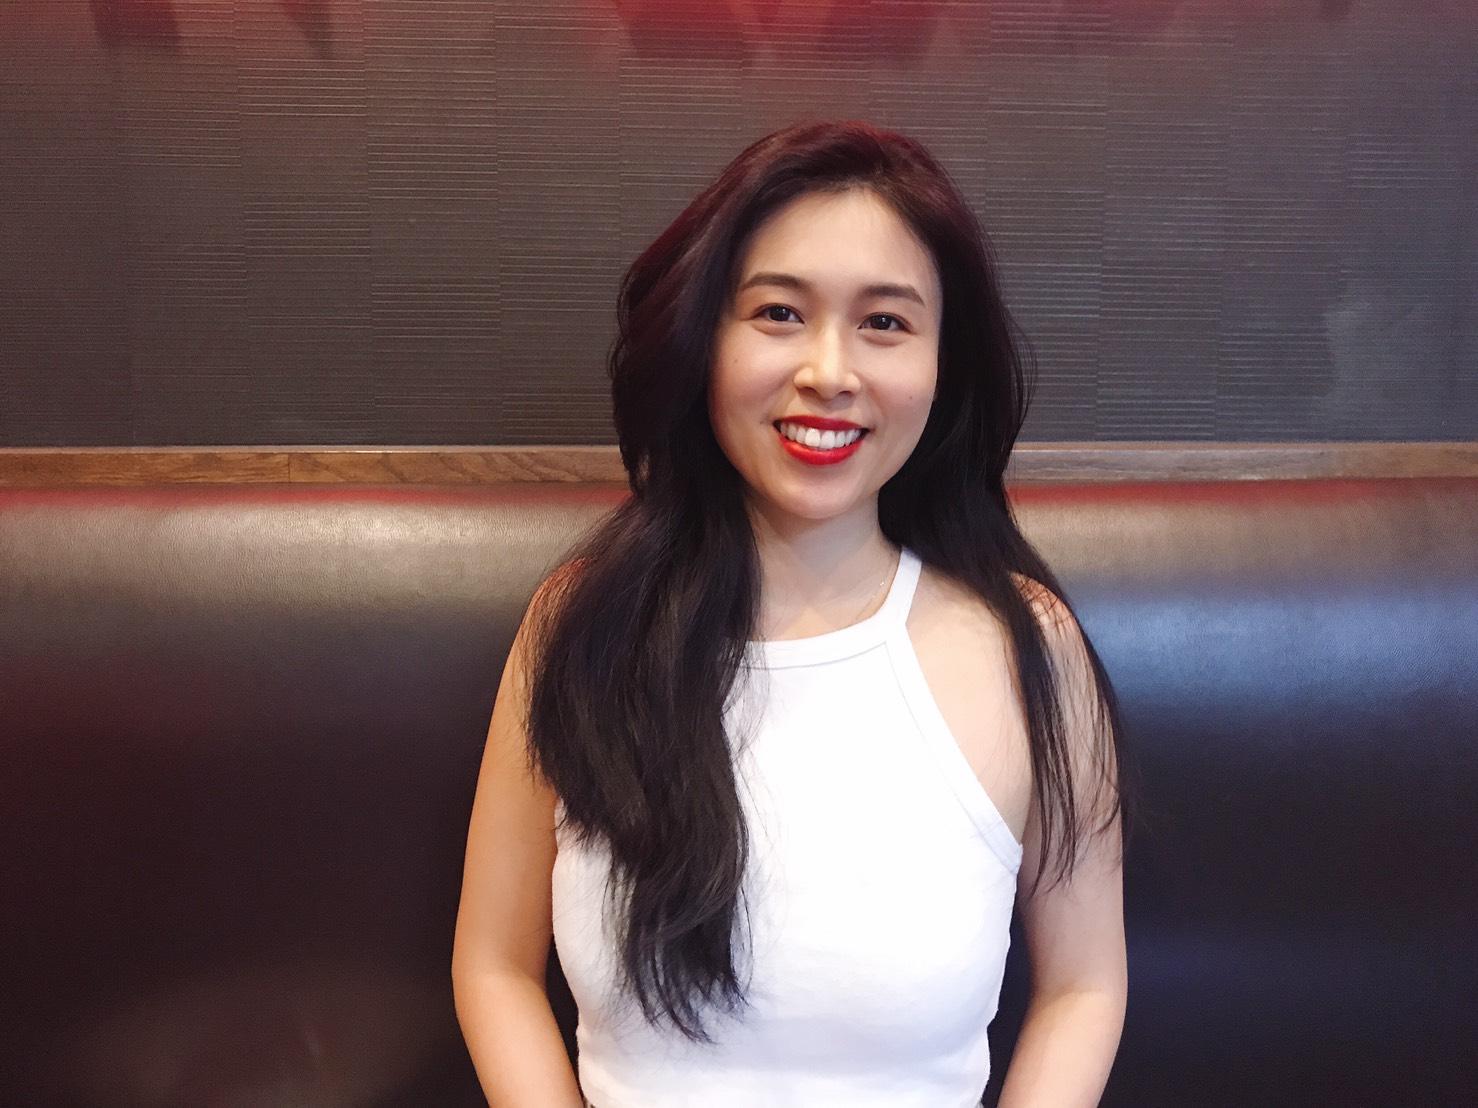 圖一:孫凡琪在2018、2019年擔任「全球青年趨勢論壇—青年接待大使」。